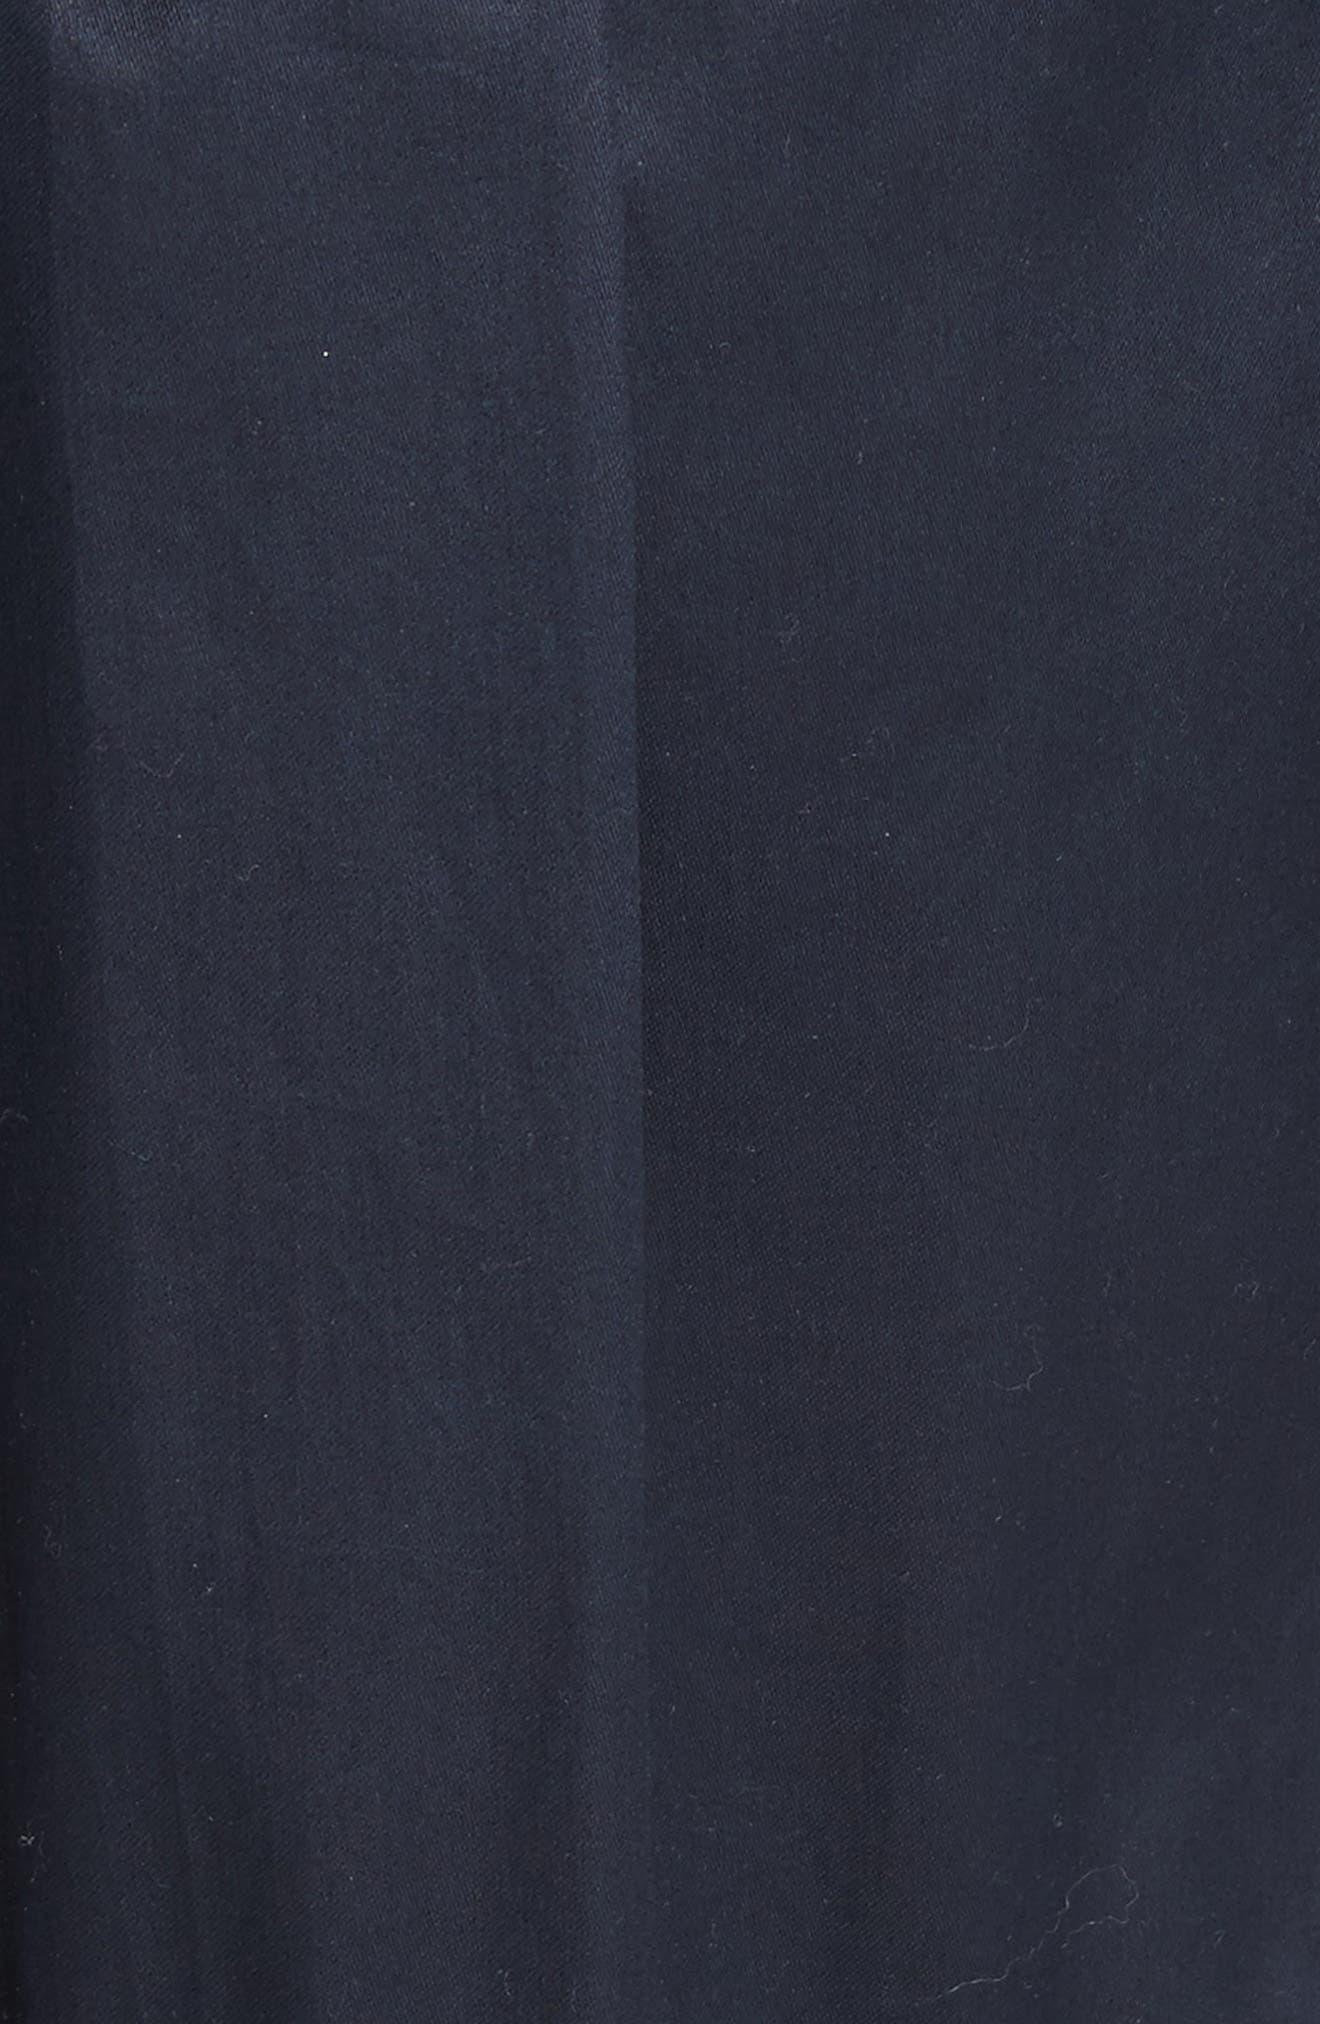 Cold Shoulder Smocked Cotton Dress,                             Alternate thumbnail 6, color,                             410